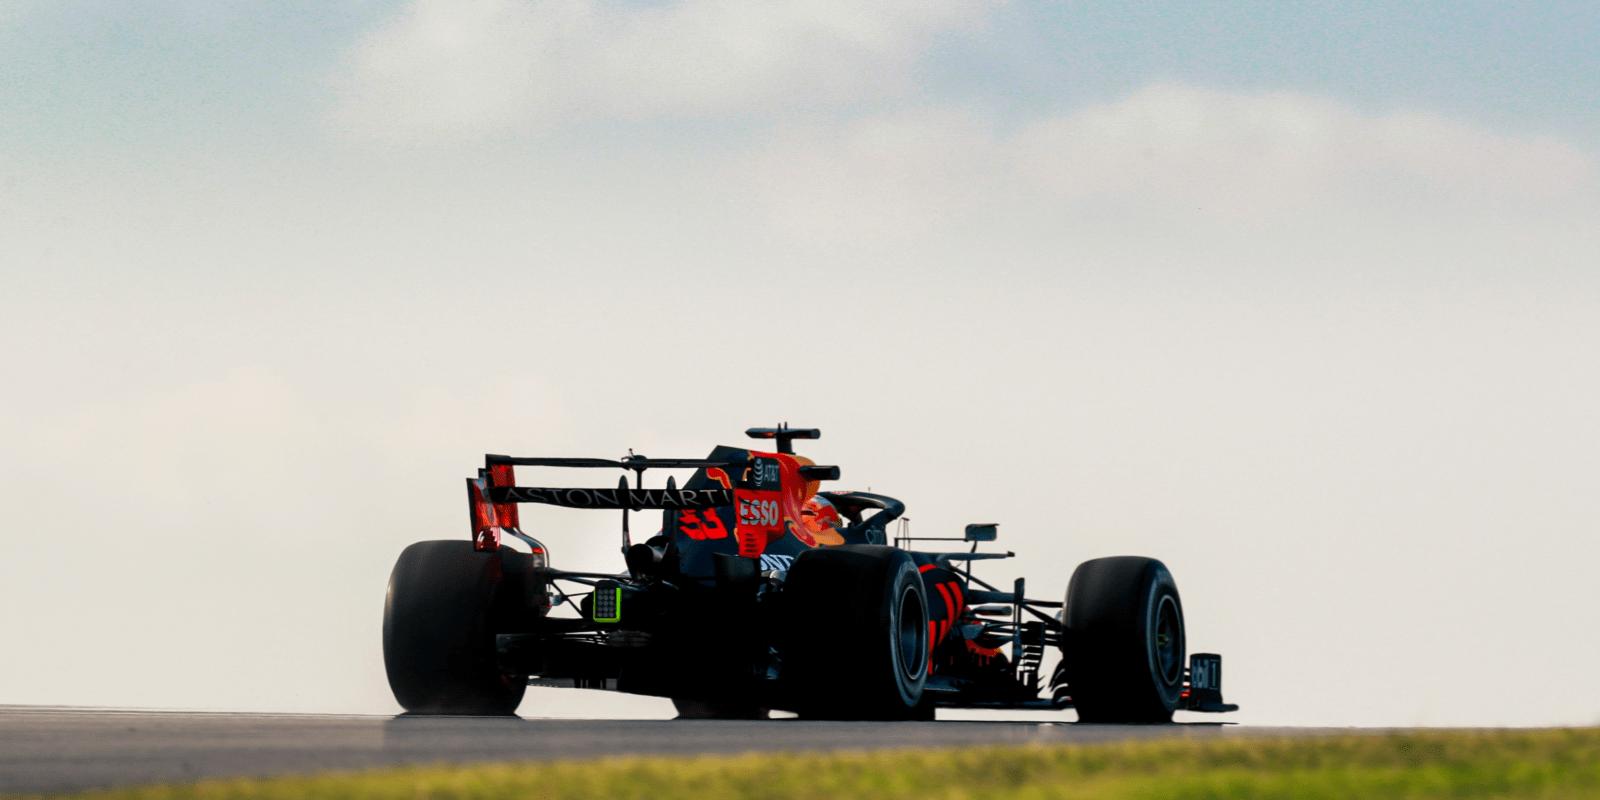 Poslední trénink v Turecku: Verstappen nejrychlejší, Mercedes se trápí